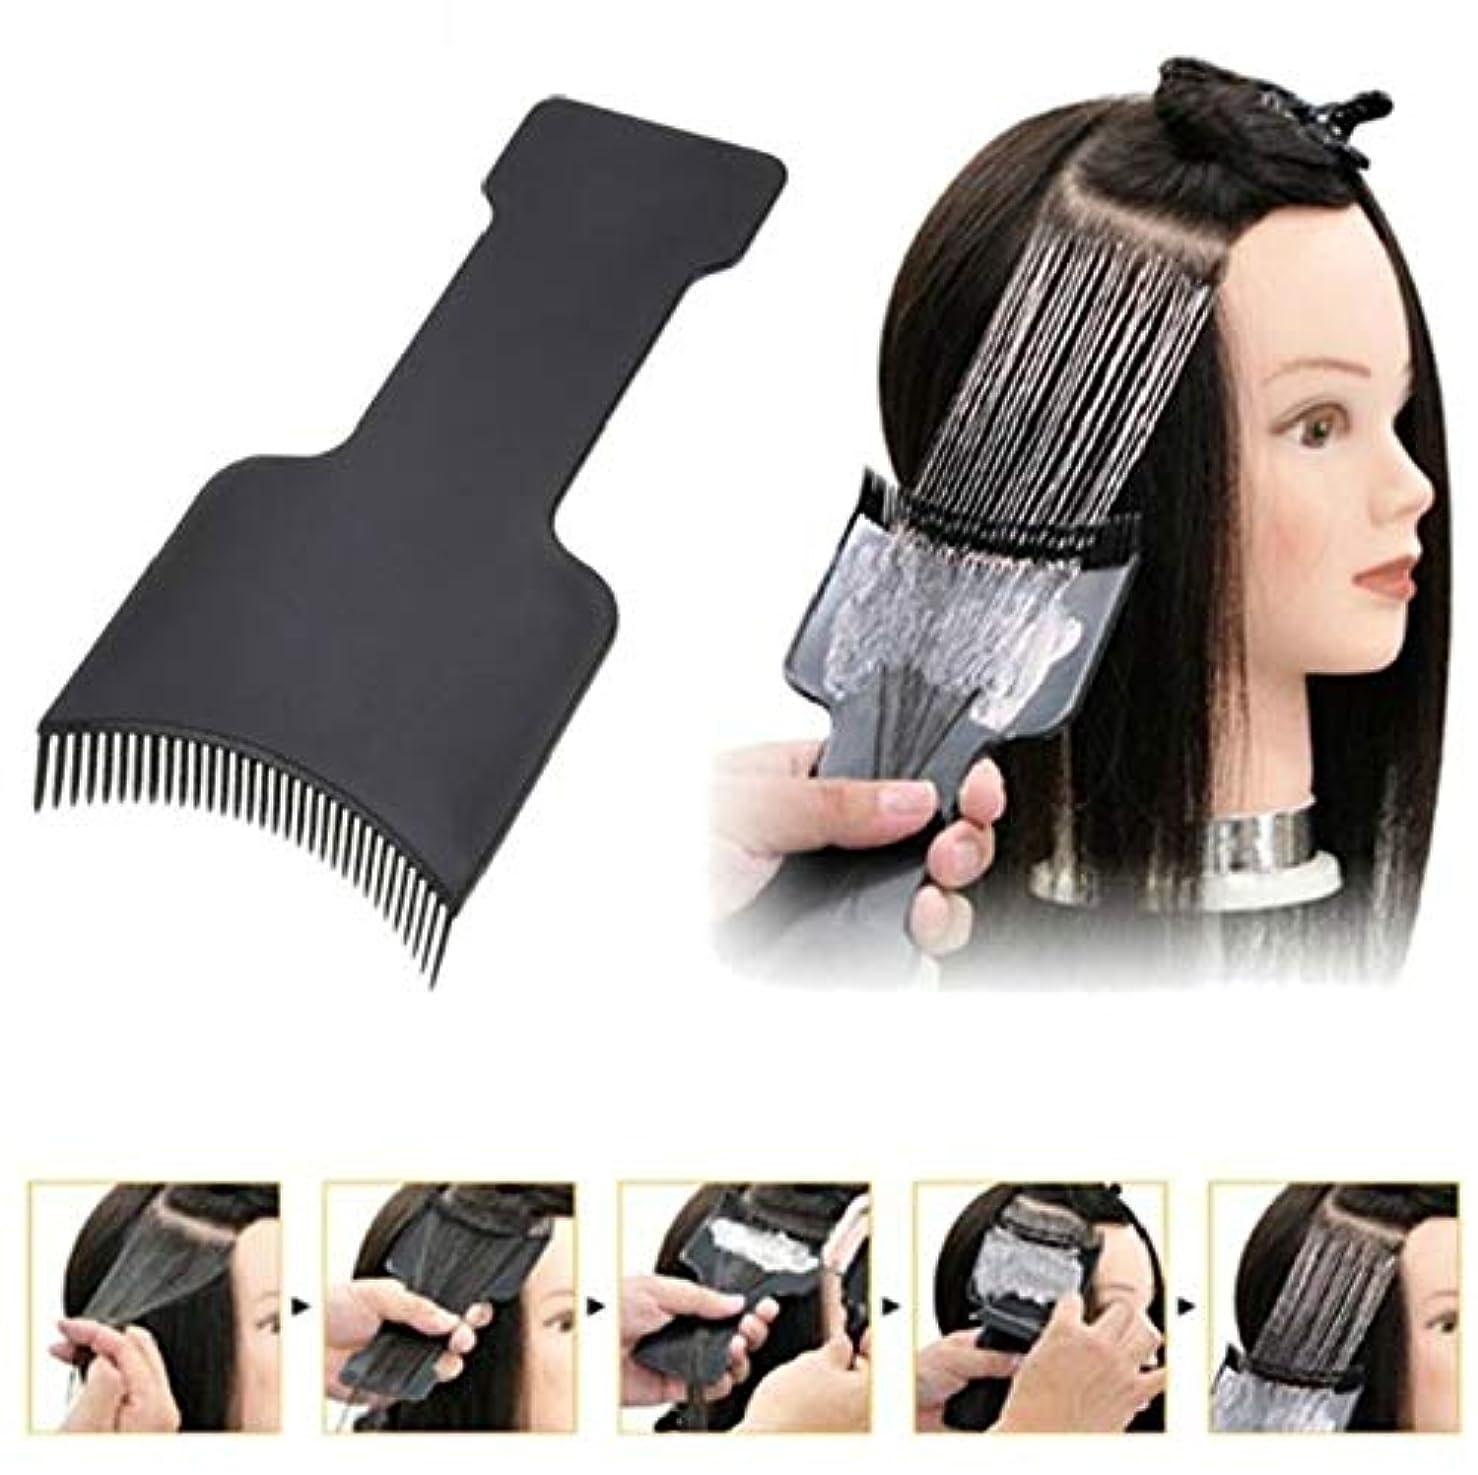 ひどいお気に入りホールドオール2 Size/set Professional Fashion Hairdressing Hair Applicator Brush Dispensing Salon Hair Coloring Dyeing Pick...